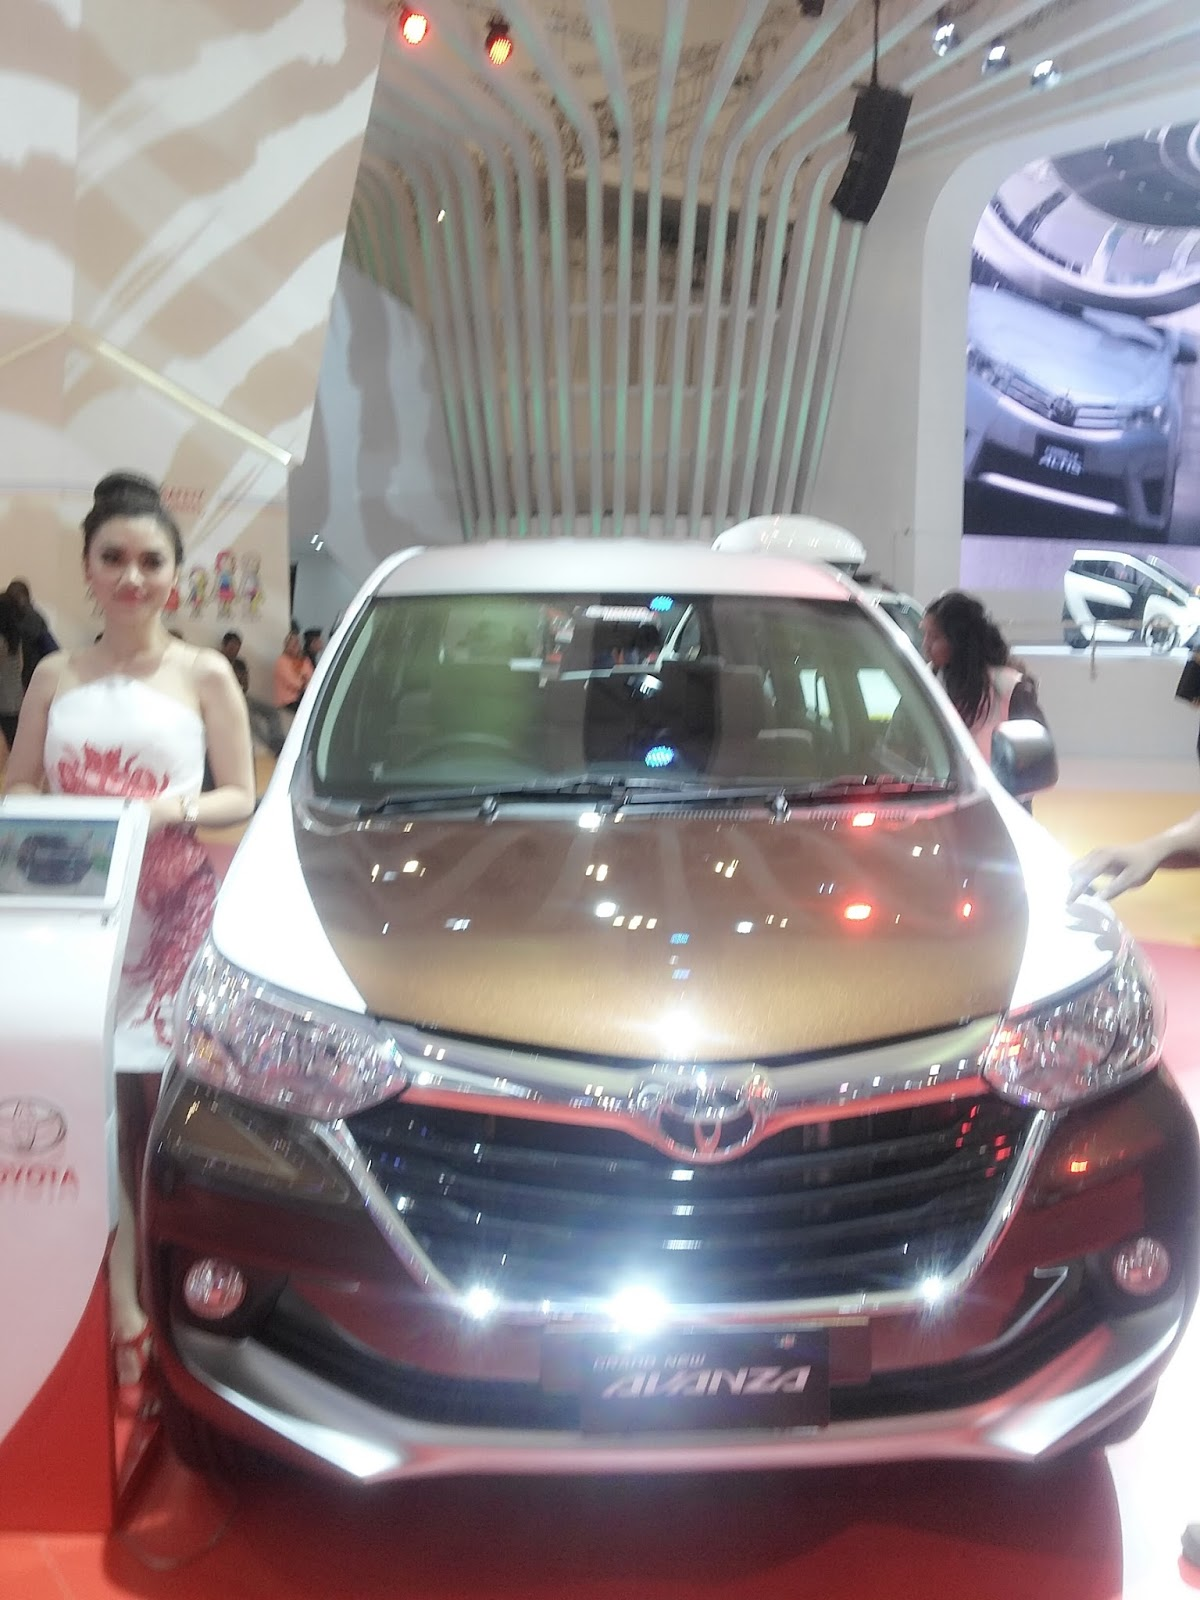 Grand New Avanza 1.3 E Std Kredit Toyota Paling Murah Dan Terpercaya Di Jabodetabek